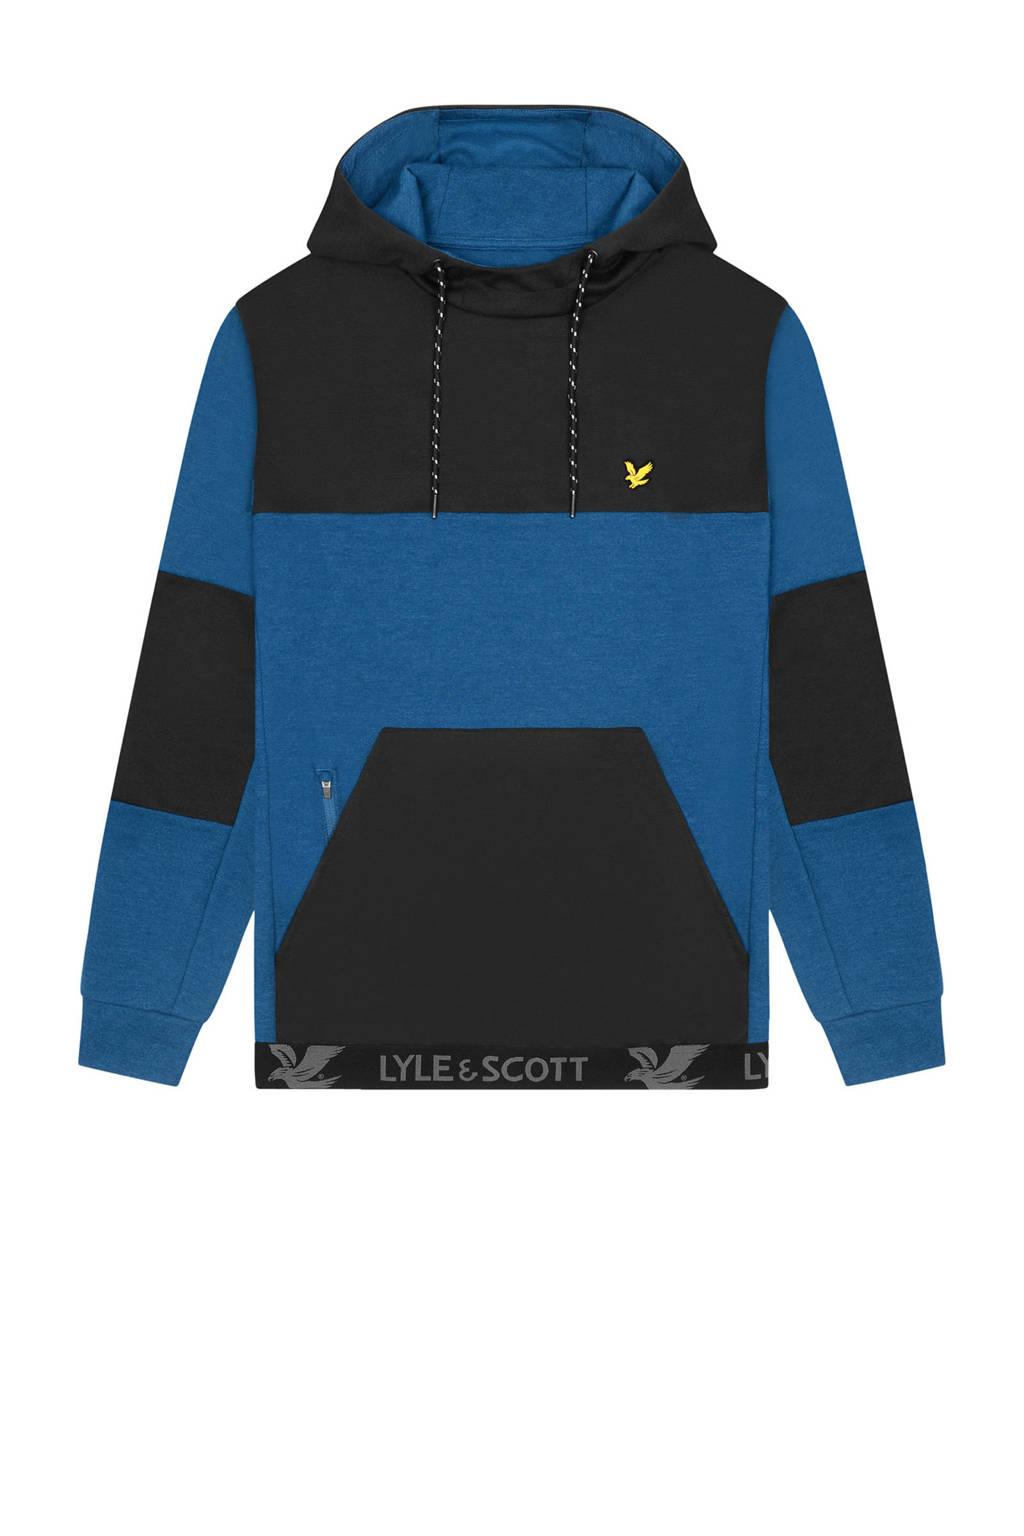 Lyle & Scott   hoodie blauw/zwart, Blauw/zwart